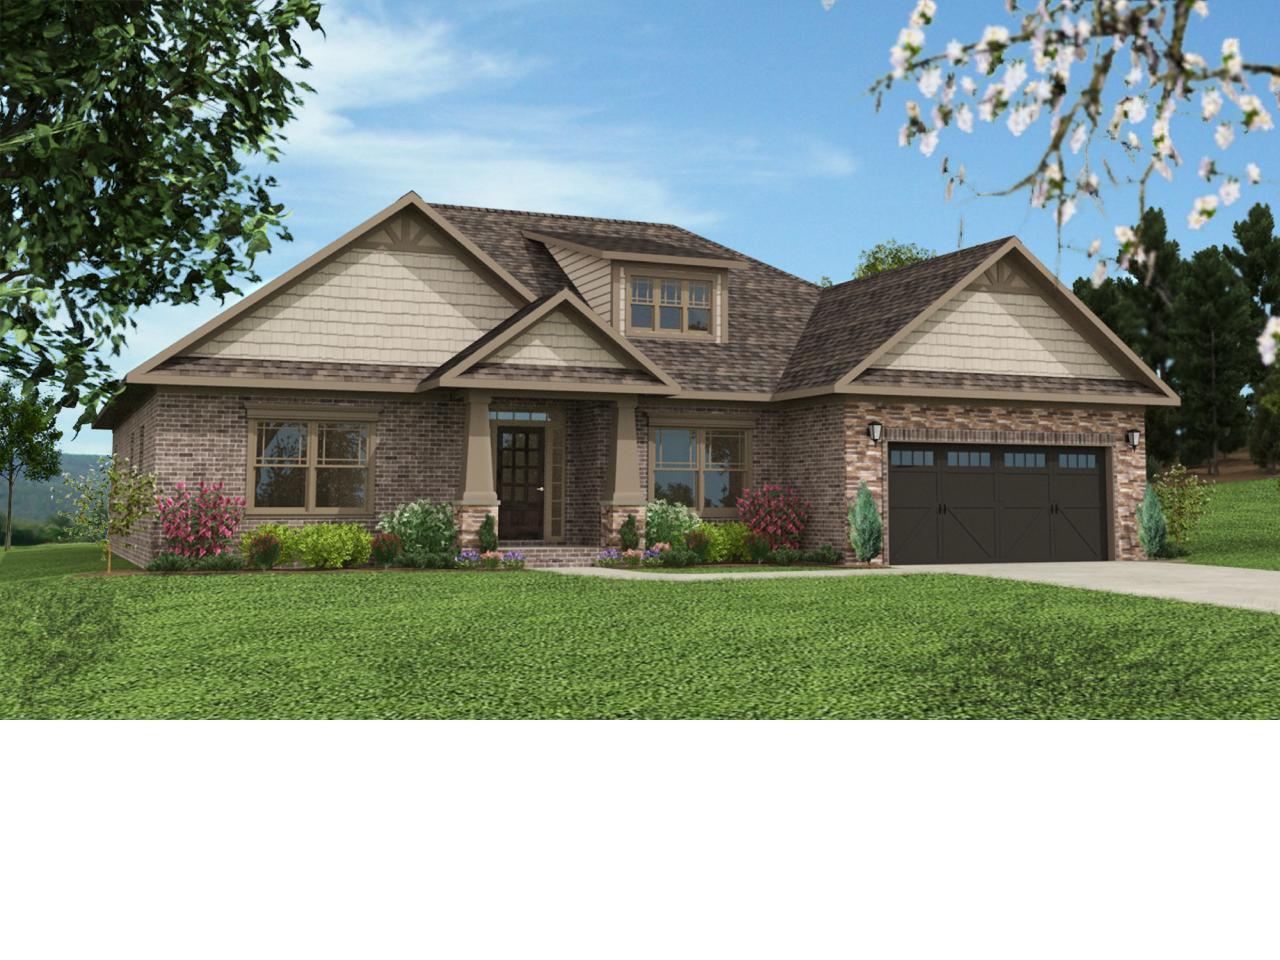 1293770 on Legacy Homes Madison Al